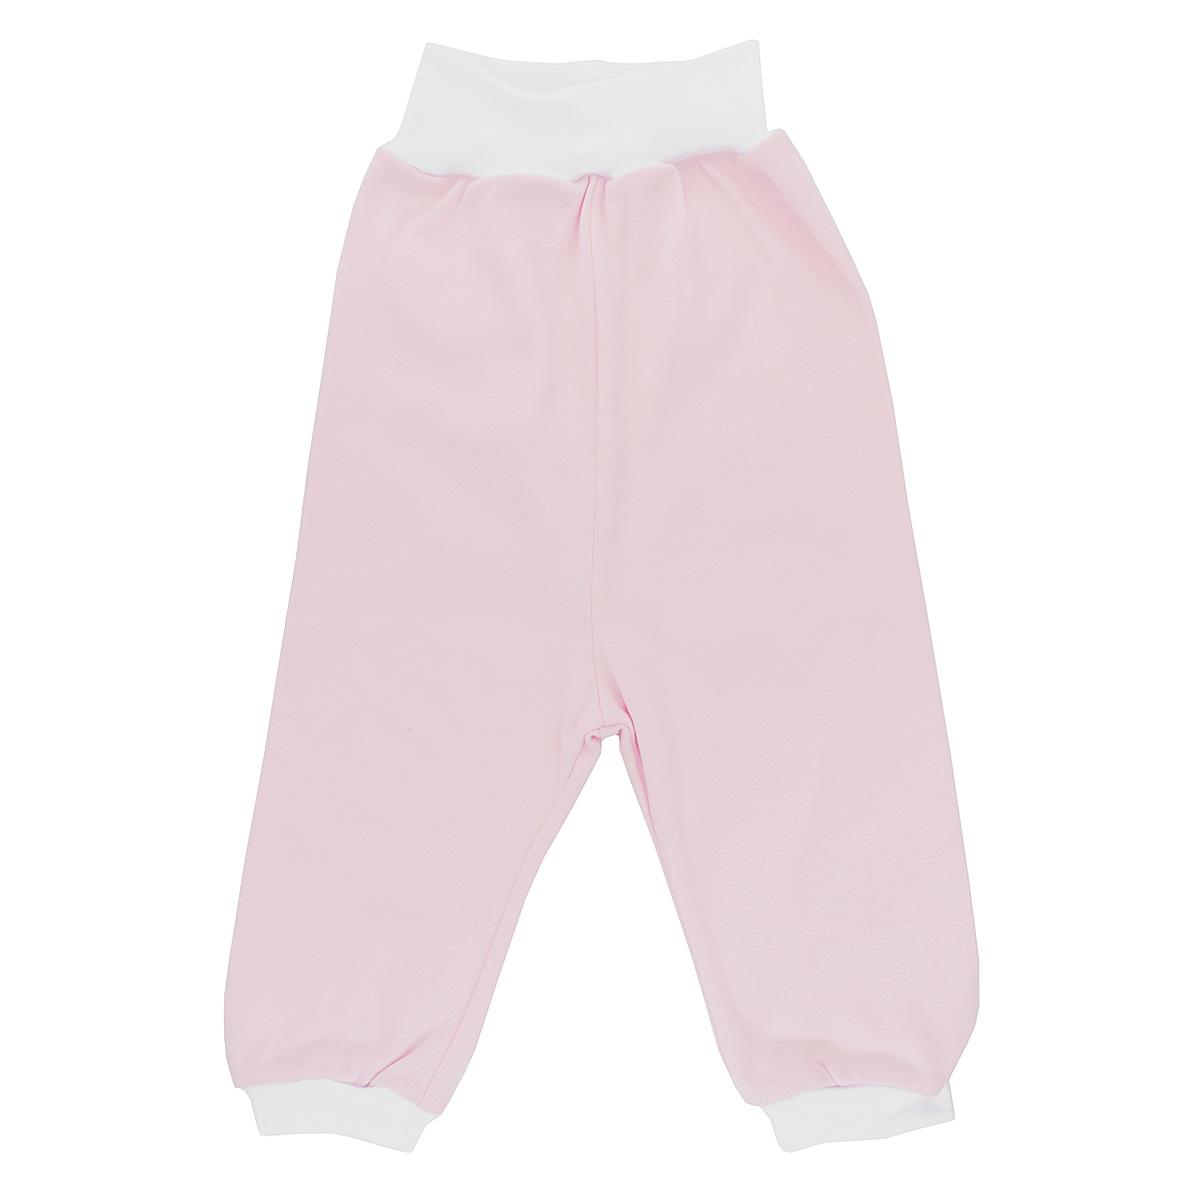 Штанишки на широком поясе Bell Bimbo, цвет: светло-розовый, белый. 136063. Размер 68-44136063Штанишки на широком поясе Bell Bimbo послужат идеальным дополнением к гардеробу вашего младенца, обеспечивая ему наибольший комфорт.Модель, изготовленная из натурального хлопка, необычайно мягкая и легкая, не раздражает нежную кожу ребенка и хорошо вентилируется, а эластичные швы приятны телу и не препятствуют его движениям. Штанишки, благодаря широкому эластичному поясу, не сдавливают животик ребенка и не сползают, идеально подходят для ношения с подгузником и без него. Понизу штанины дополнены неширокими трикотажными манжетами, мягко обхватывающими щиколотки.Штанишки полностью соответствуют особенностям жизни ребенка в ранний период, не стесняя и не ограничивая его в движениях.